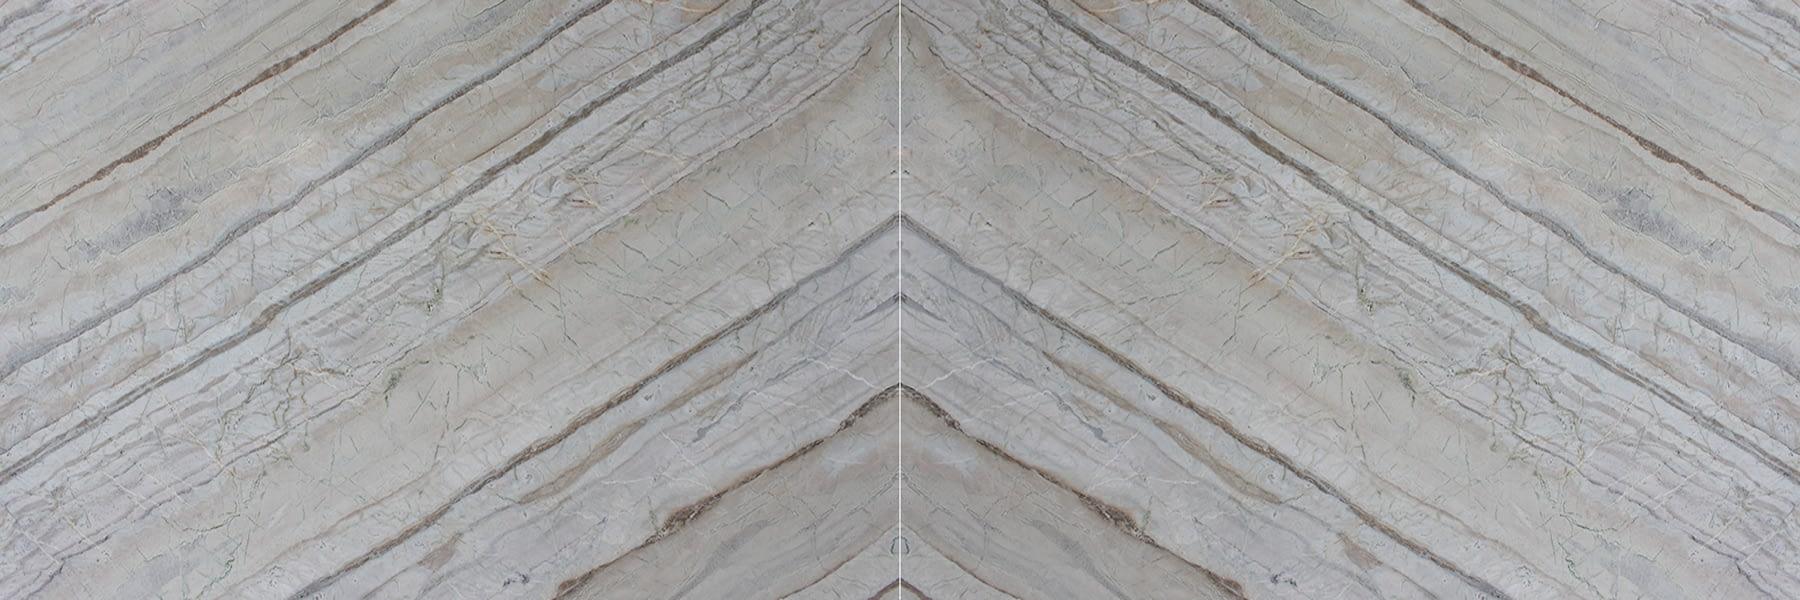 Corteccia Quartzite Horizontal Bookmatch B